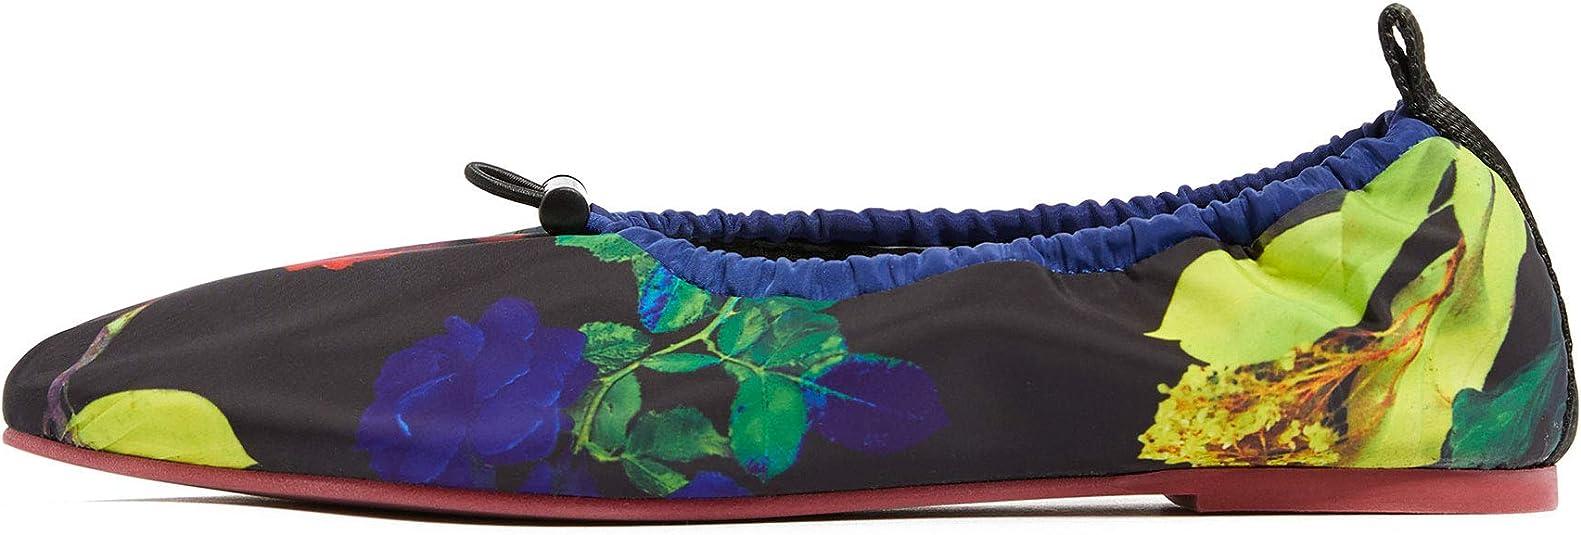 Bimba y Lola - Bailarinas para mujer Negro Negro, color Negro, talla 40: Amazon.es: Zapatos y complementos